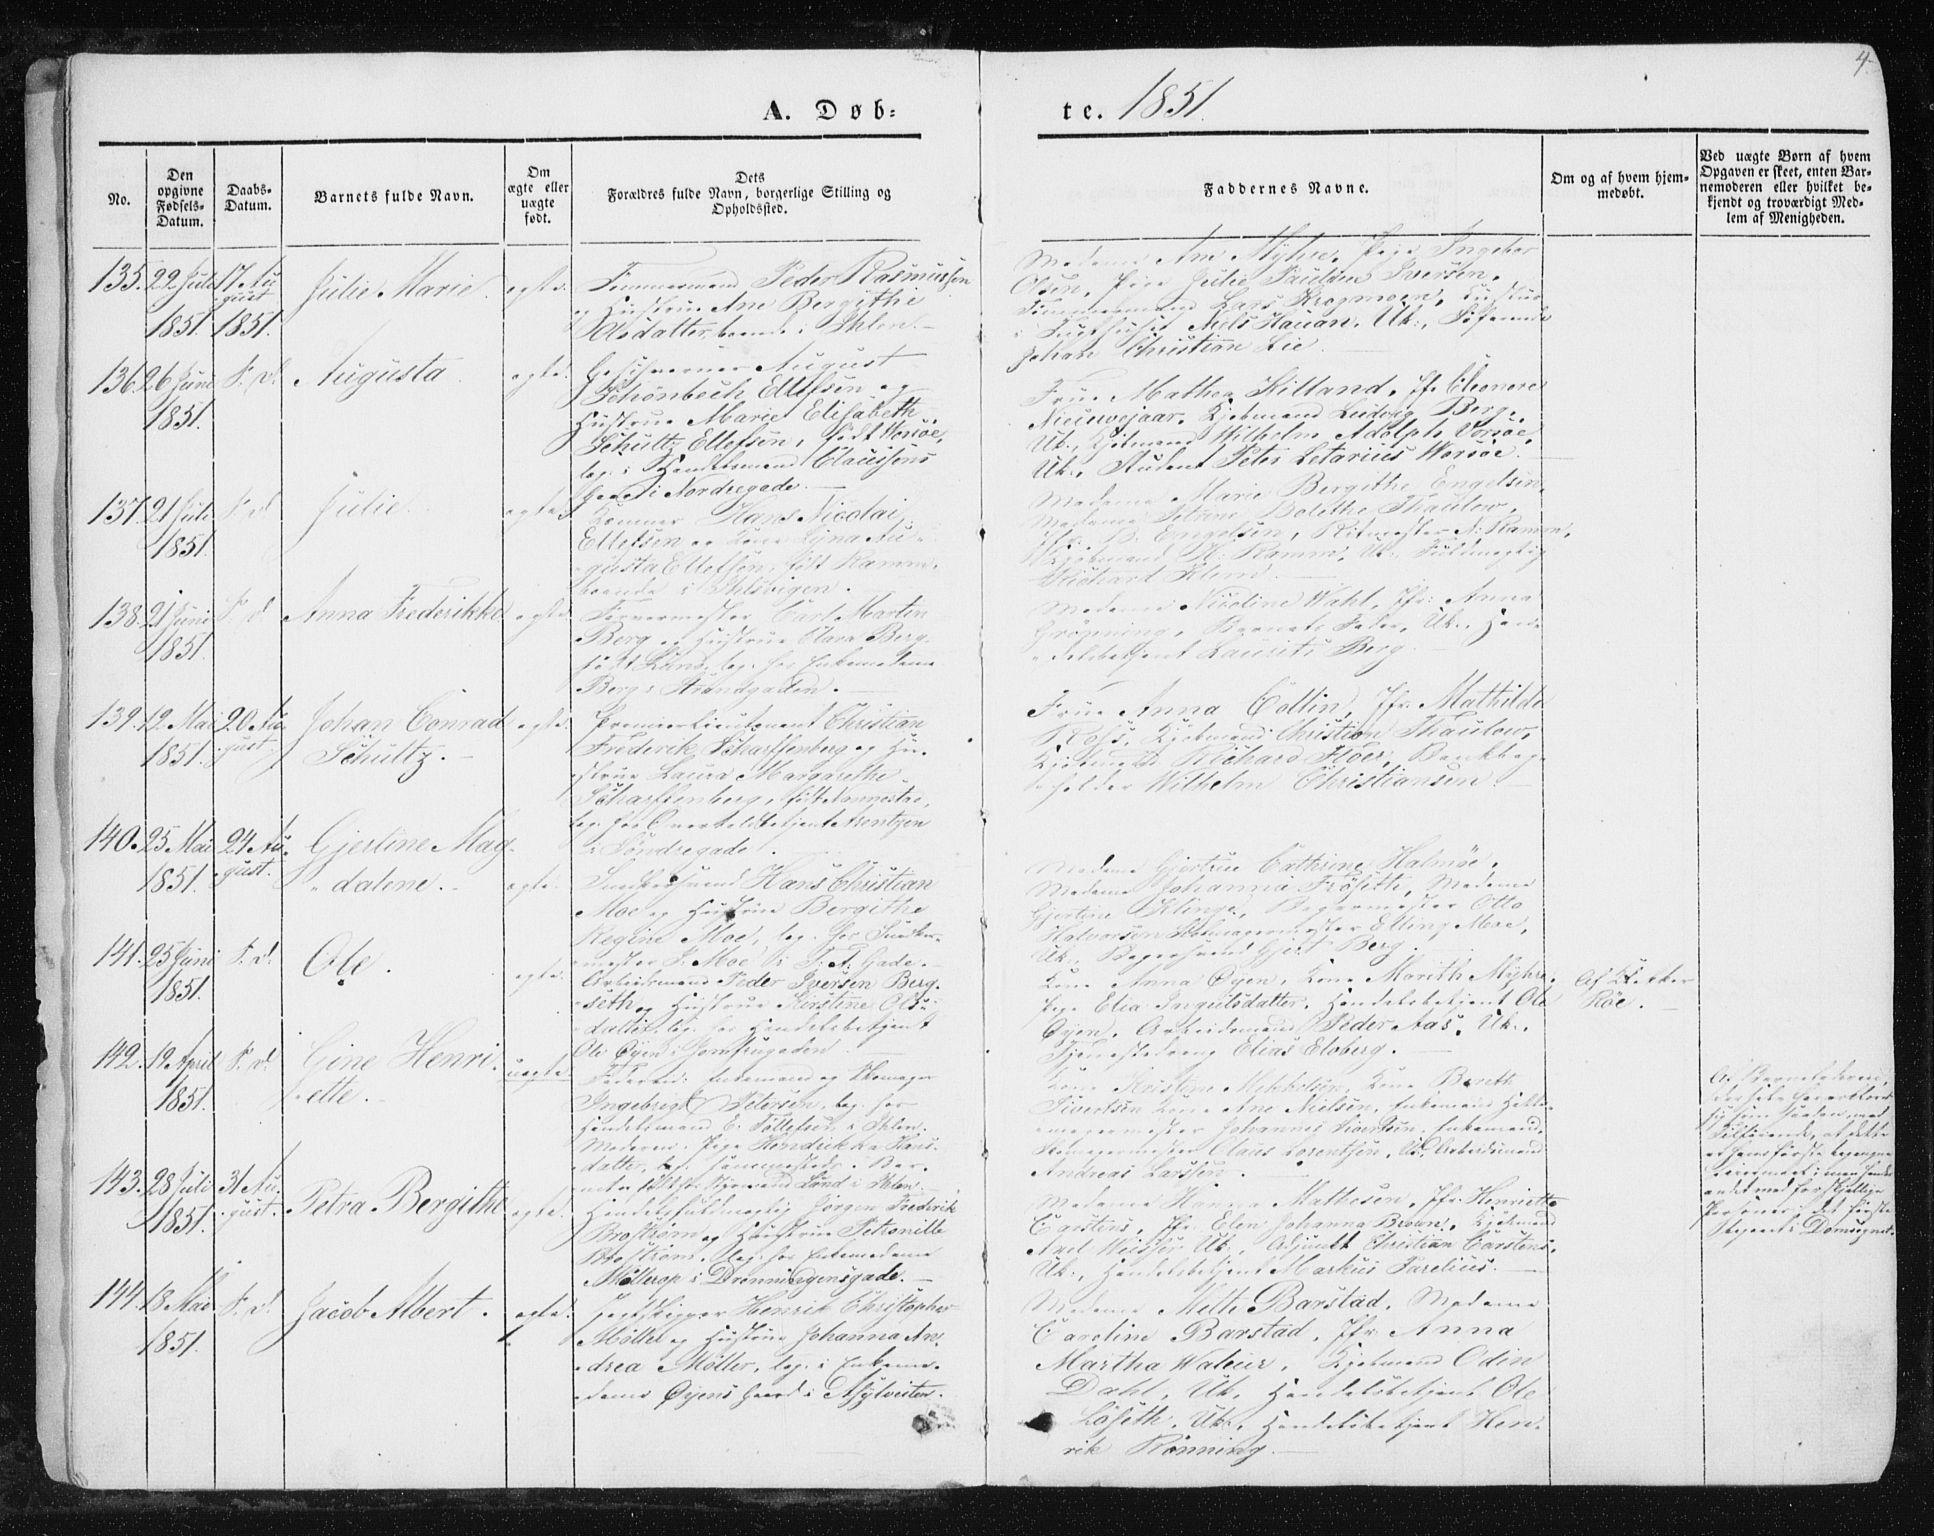 SAT, Ministerialprotokoller, klokkerbøker og fødselsregistre - Sør-Trøndelag, 602/L0112: Ministerialbok nr. 602A10, 1848-1859, s. 4